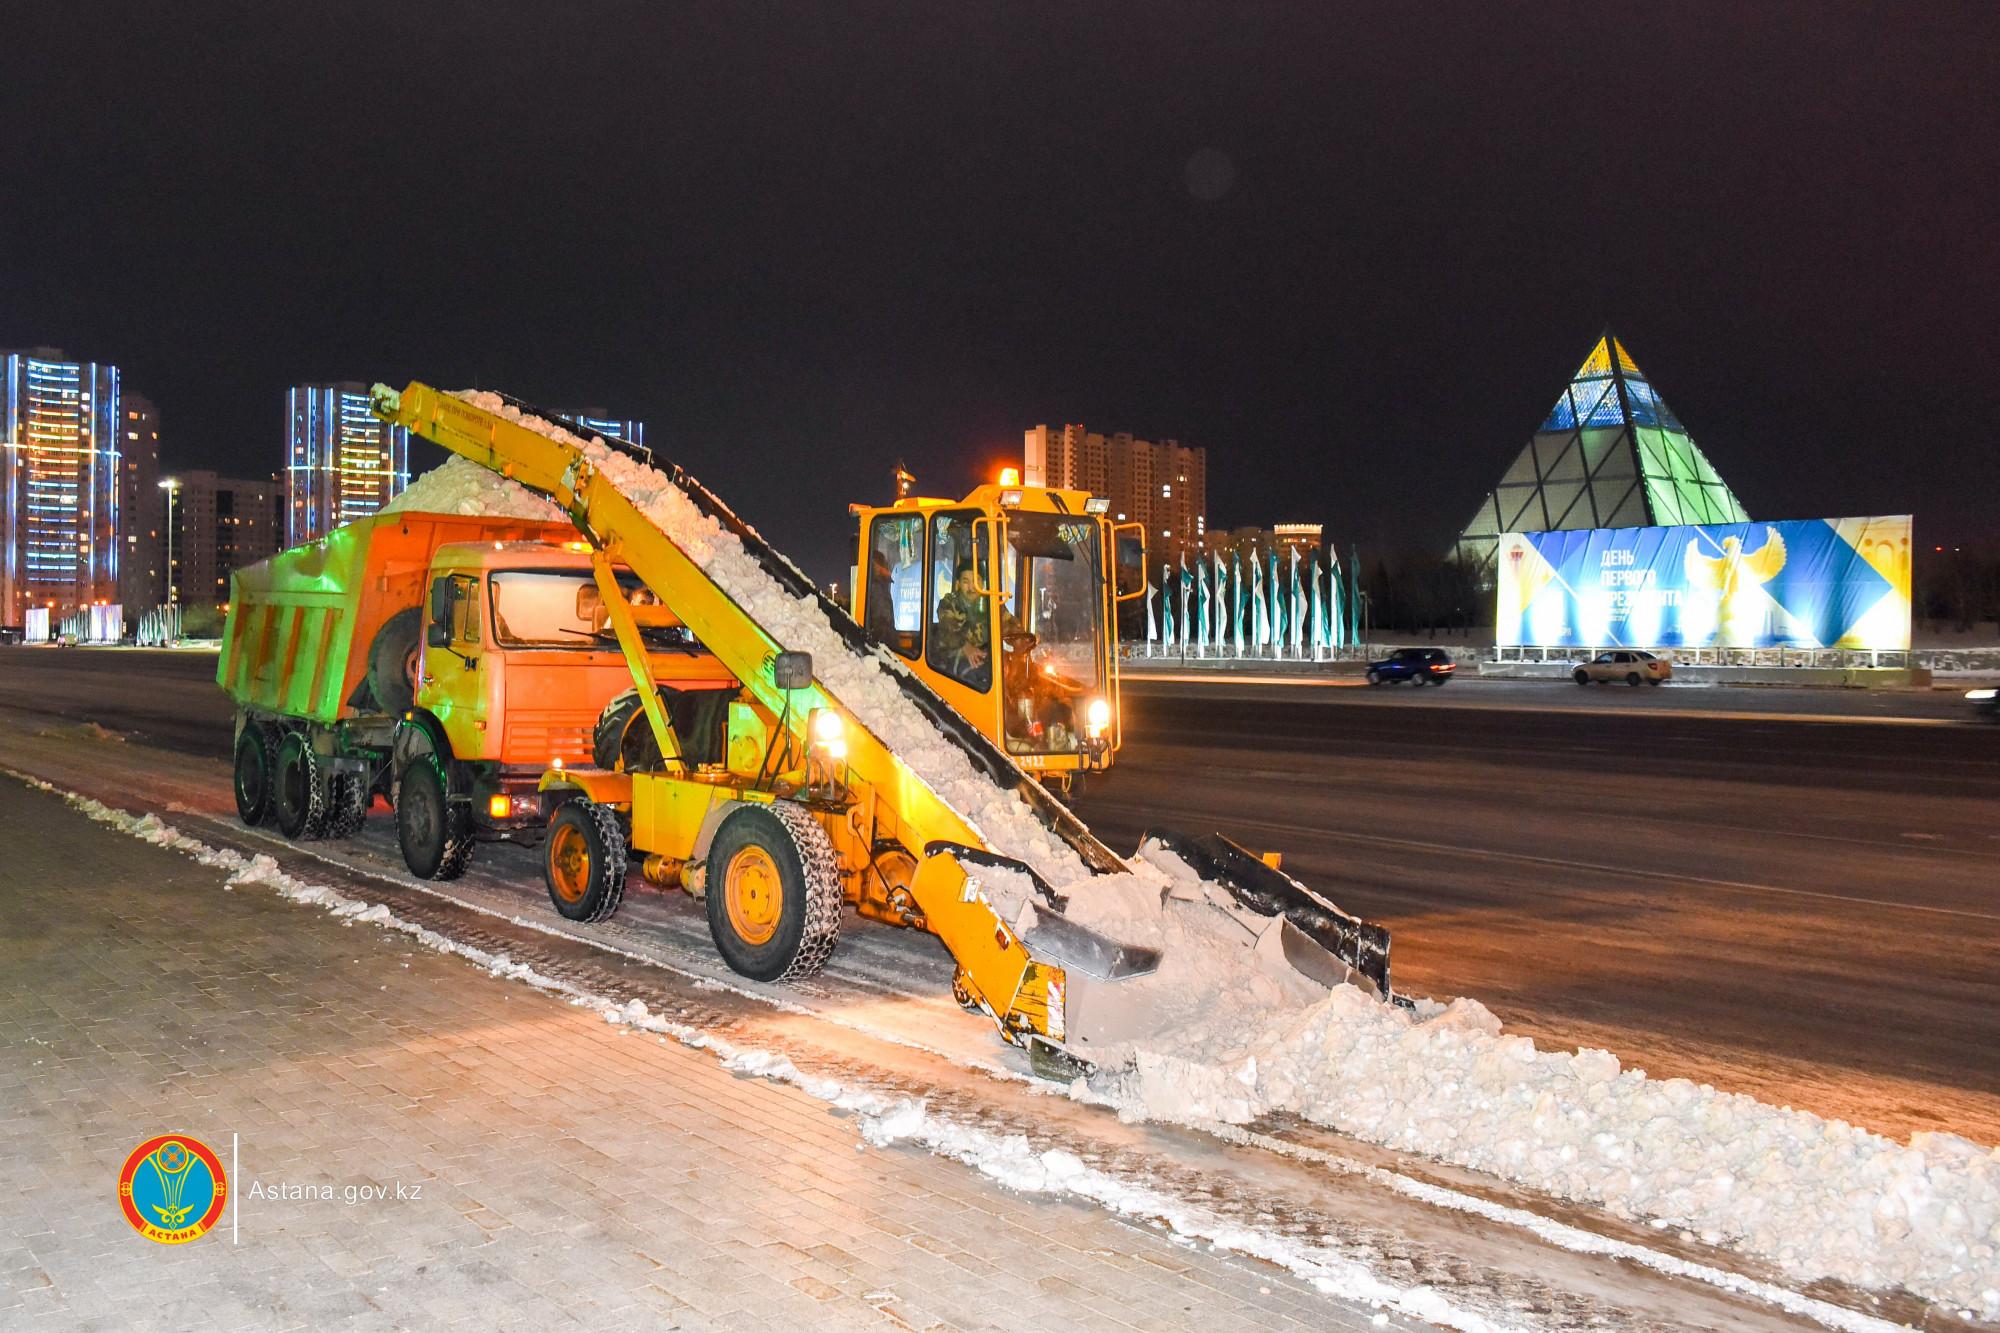 В Астане за прошедшие сутки убрано более 11 тыс. кубометров снега